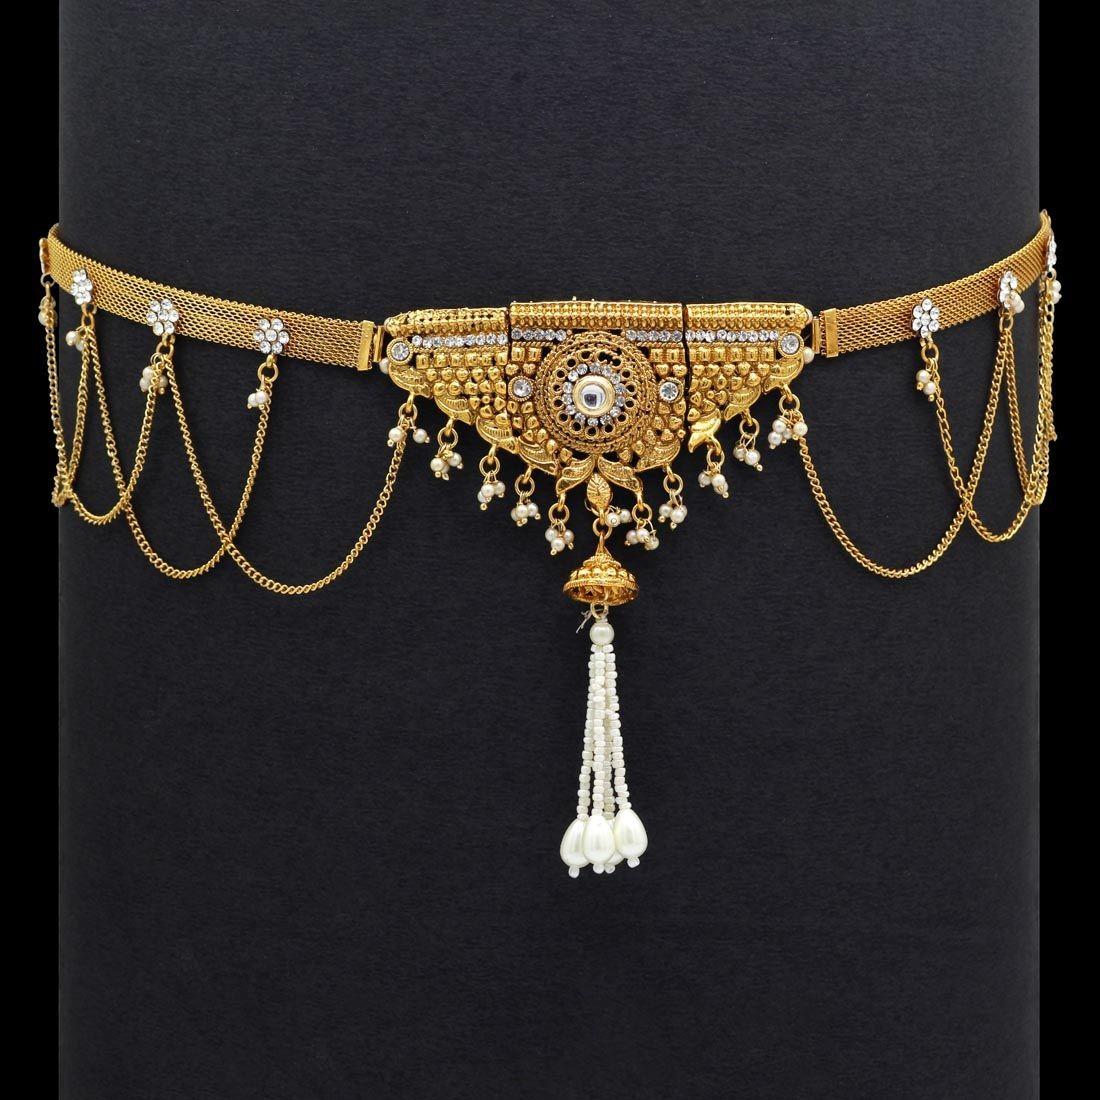 cinturon hindu dorado con piedras